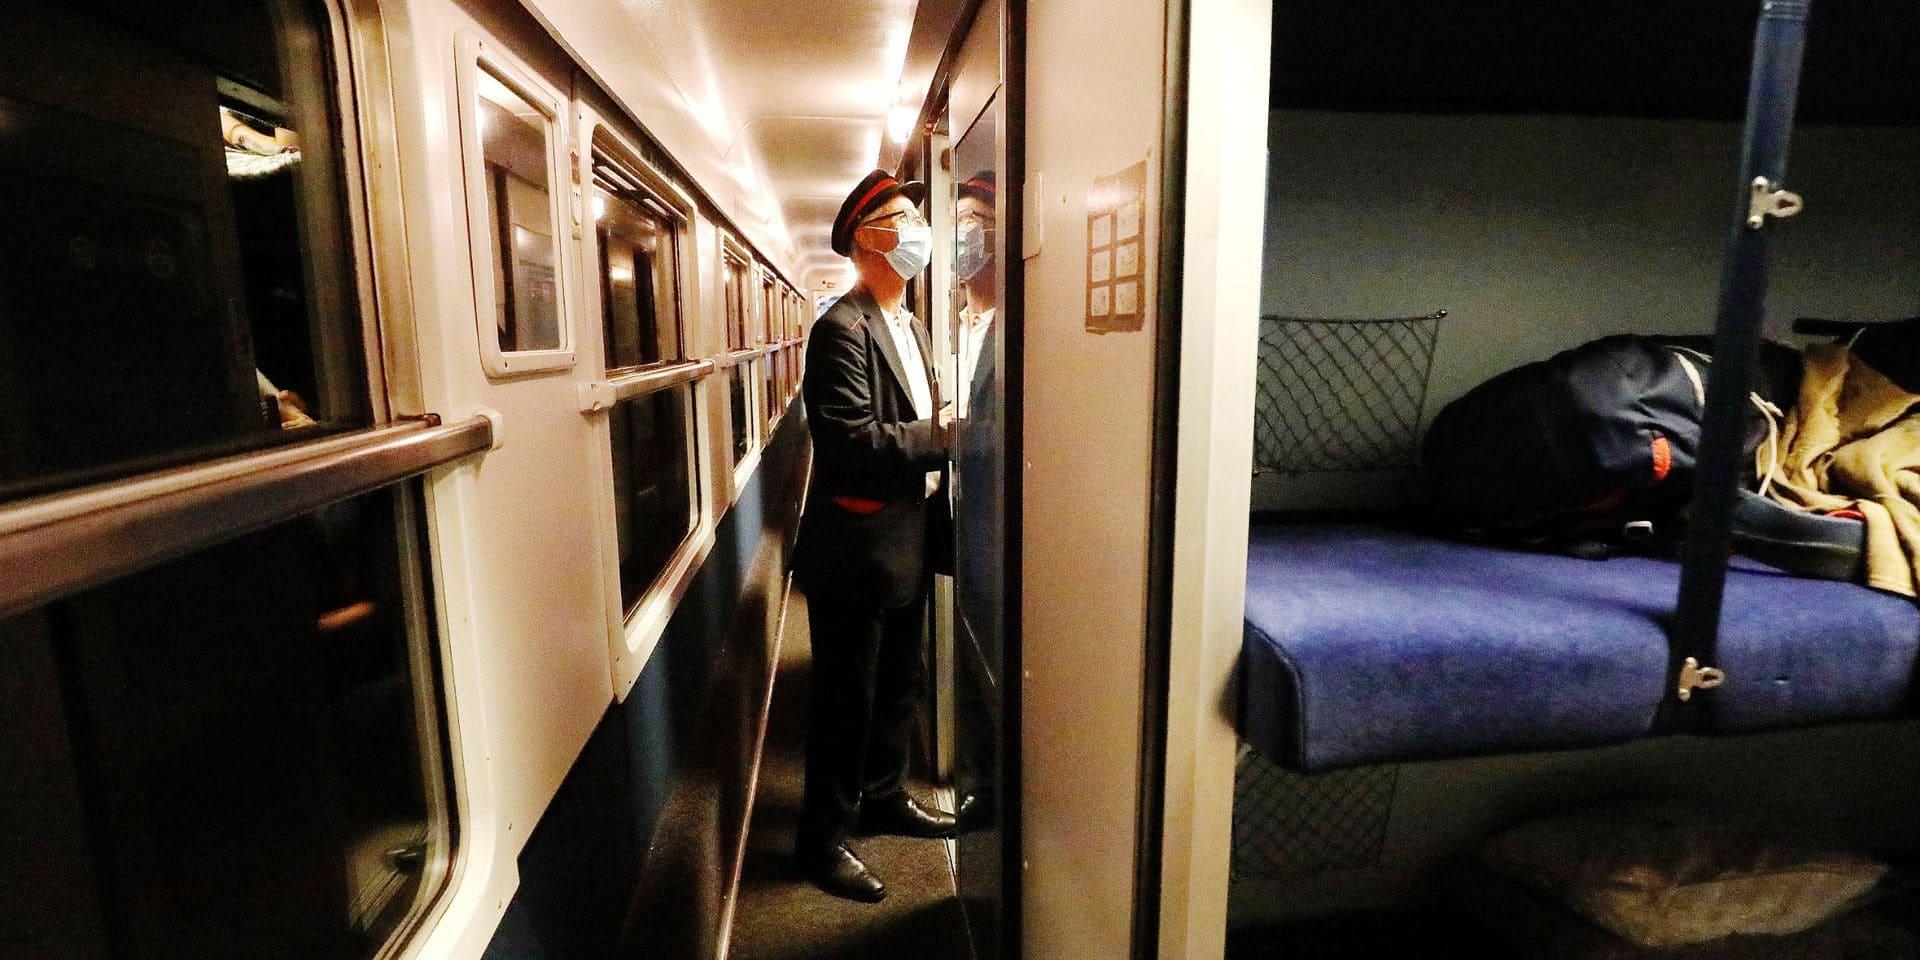 Engouement, mise sur les rails, échéance: tout ce qu'il faut savoir sur le retour en grâce des trains de nuit